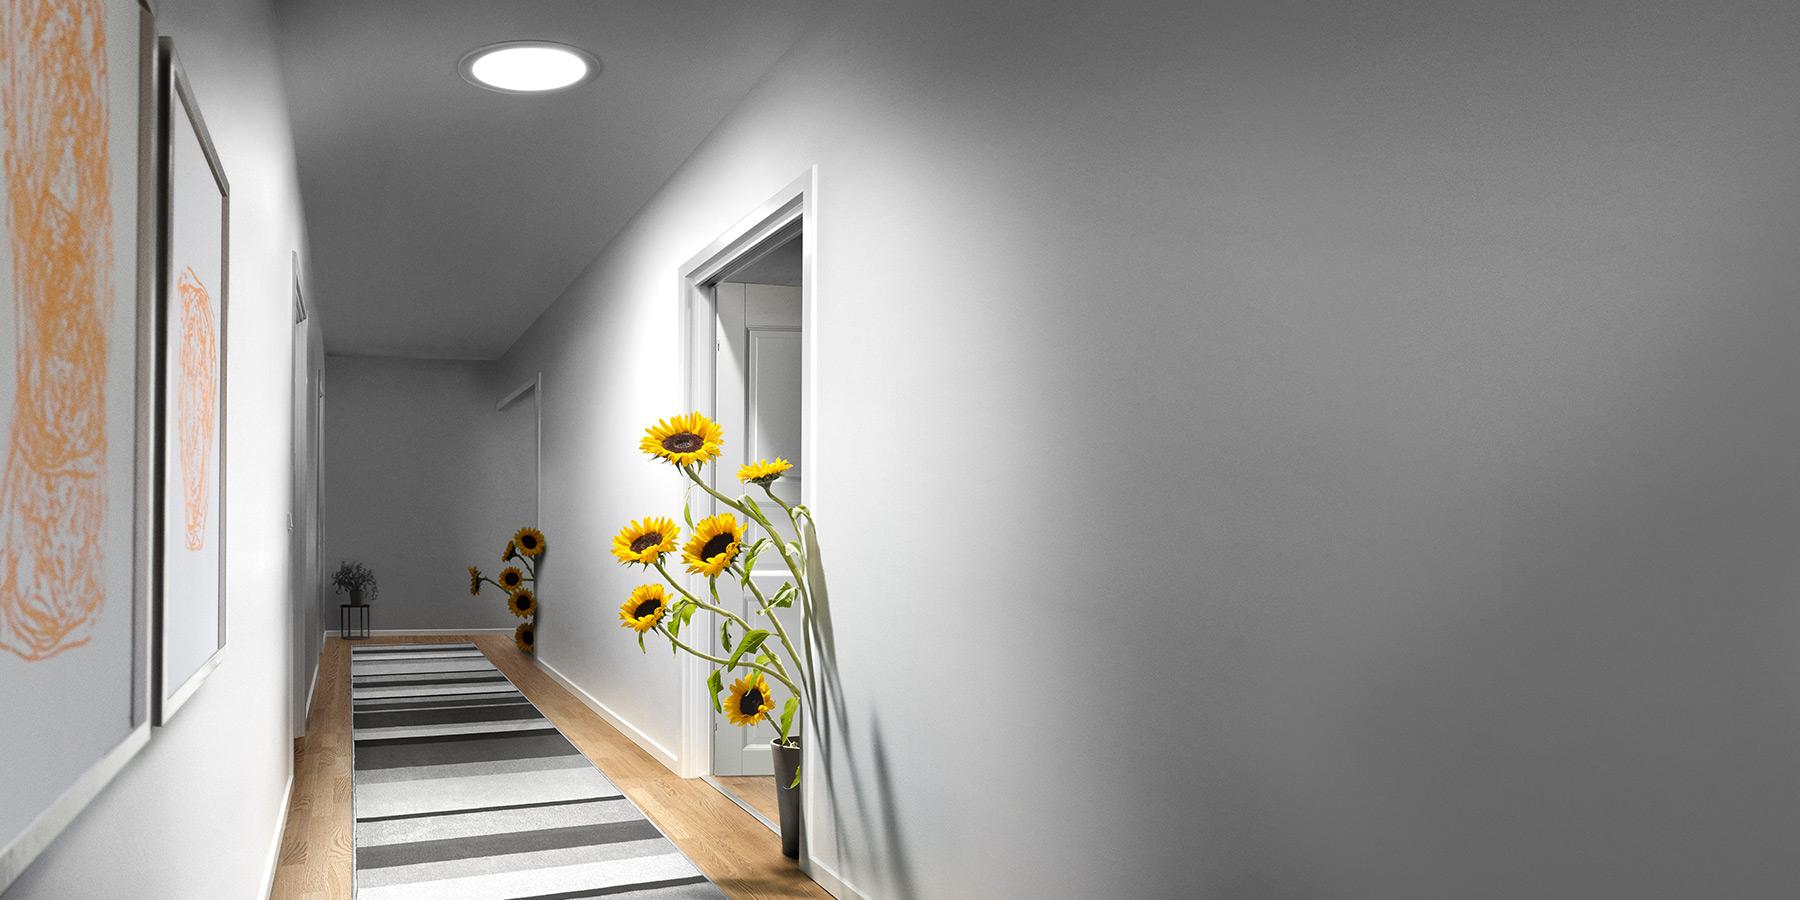 velux sun tunnel installation instructions